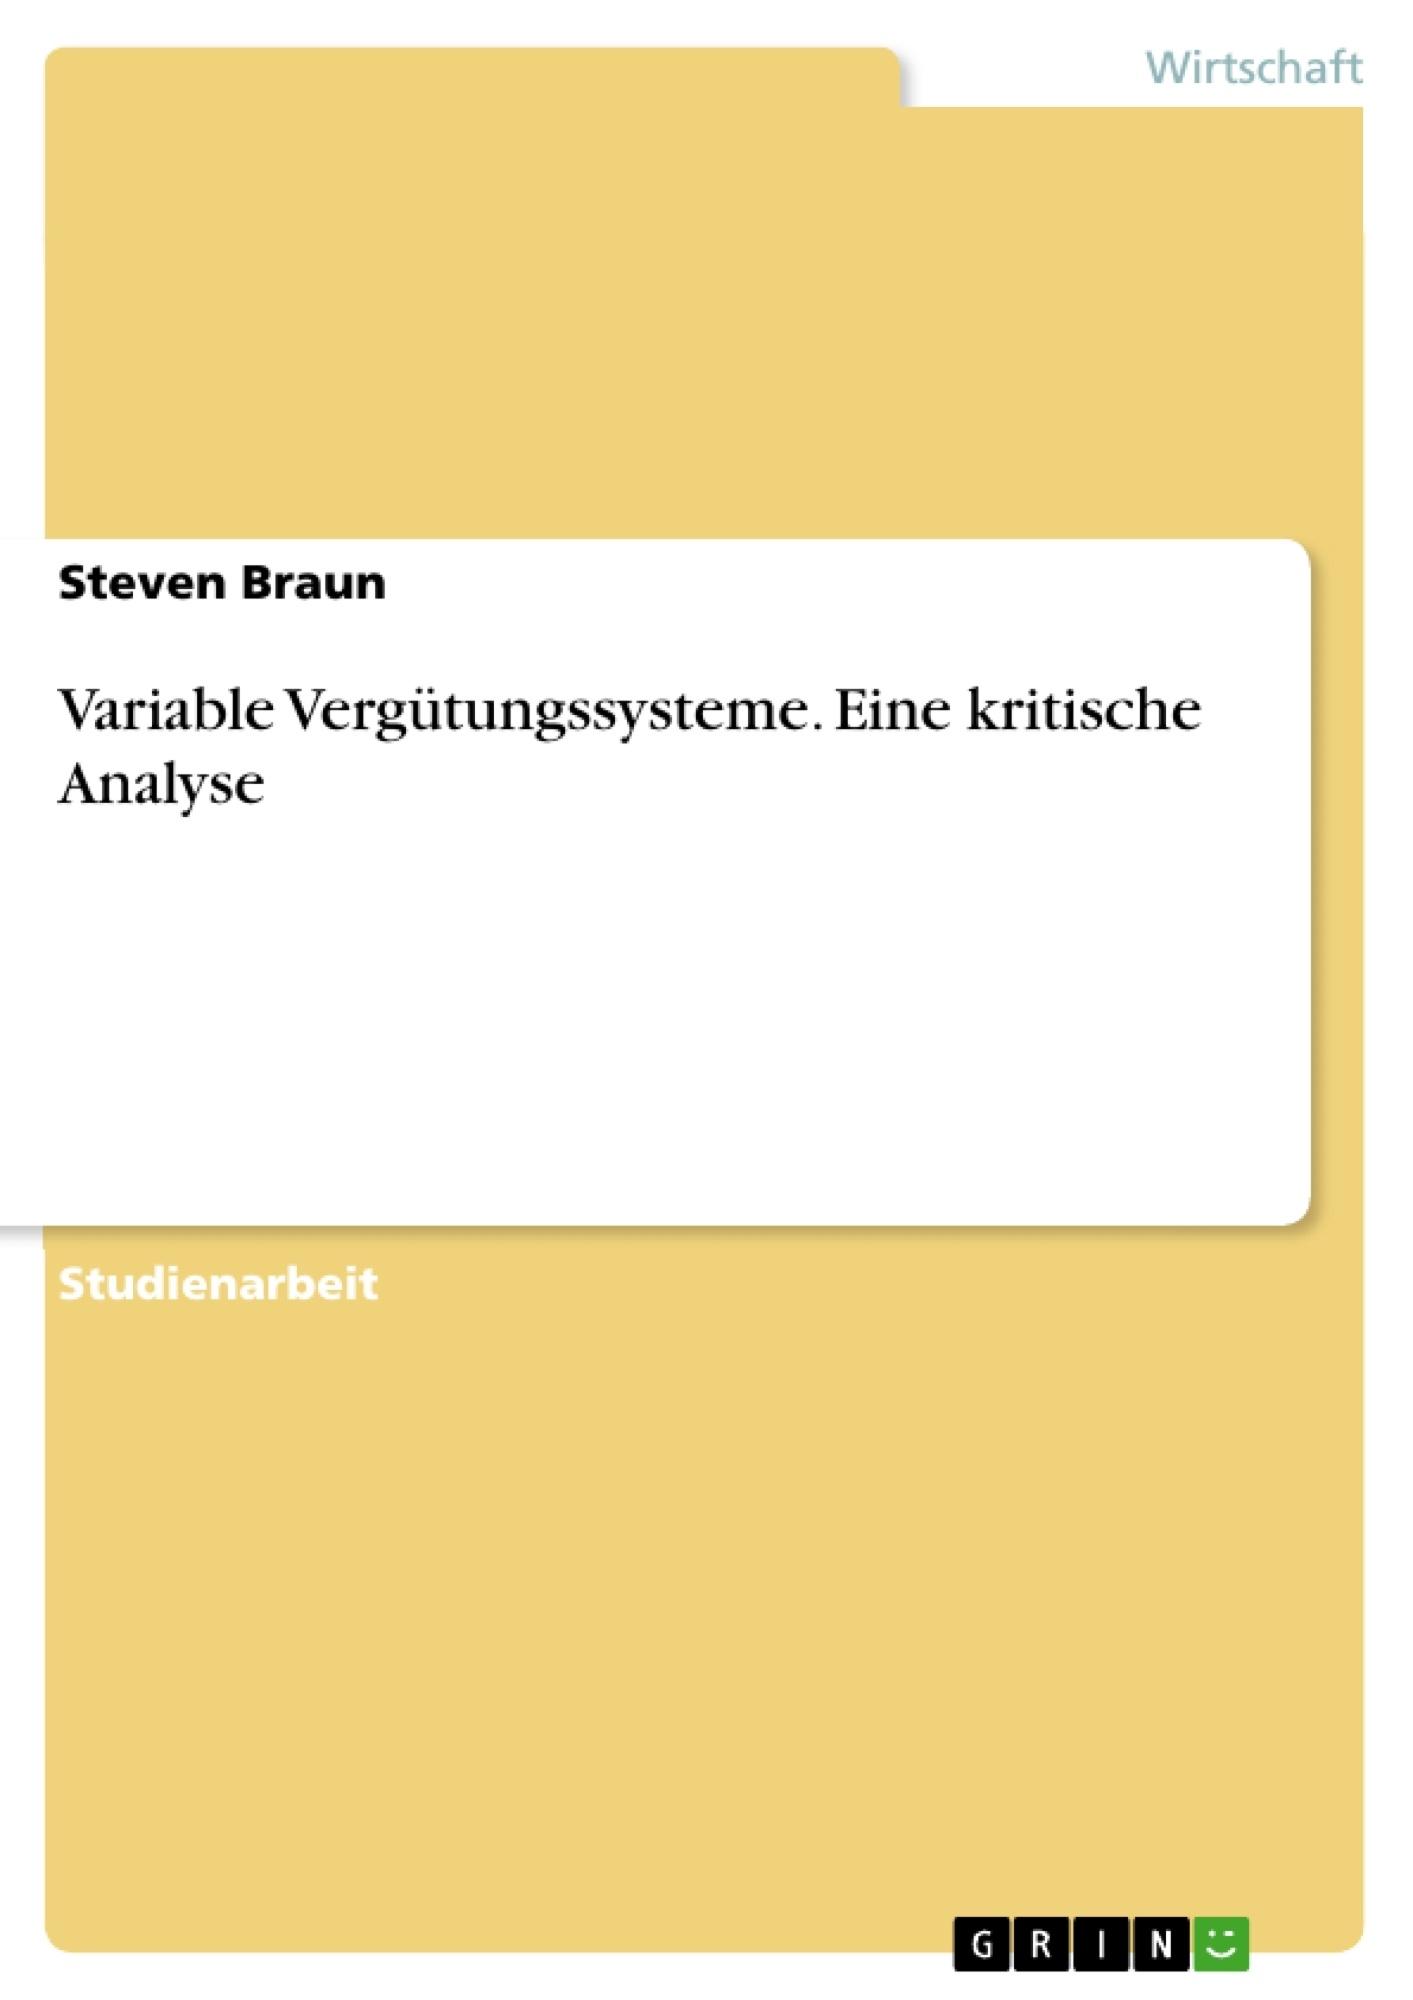 Titel: Variable Vergütungssysteme. Eine kritische Analyse